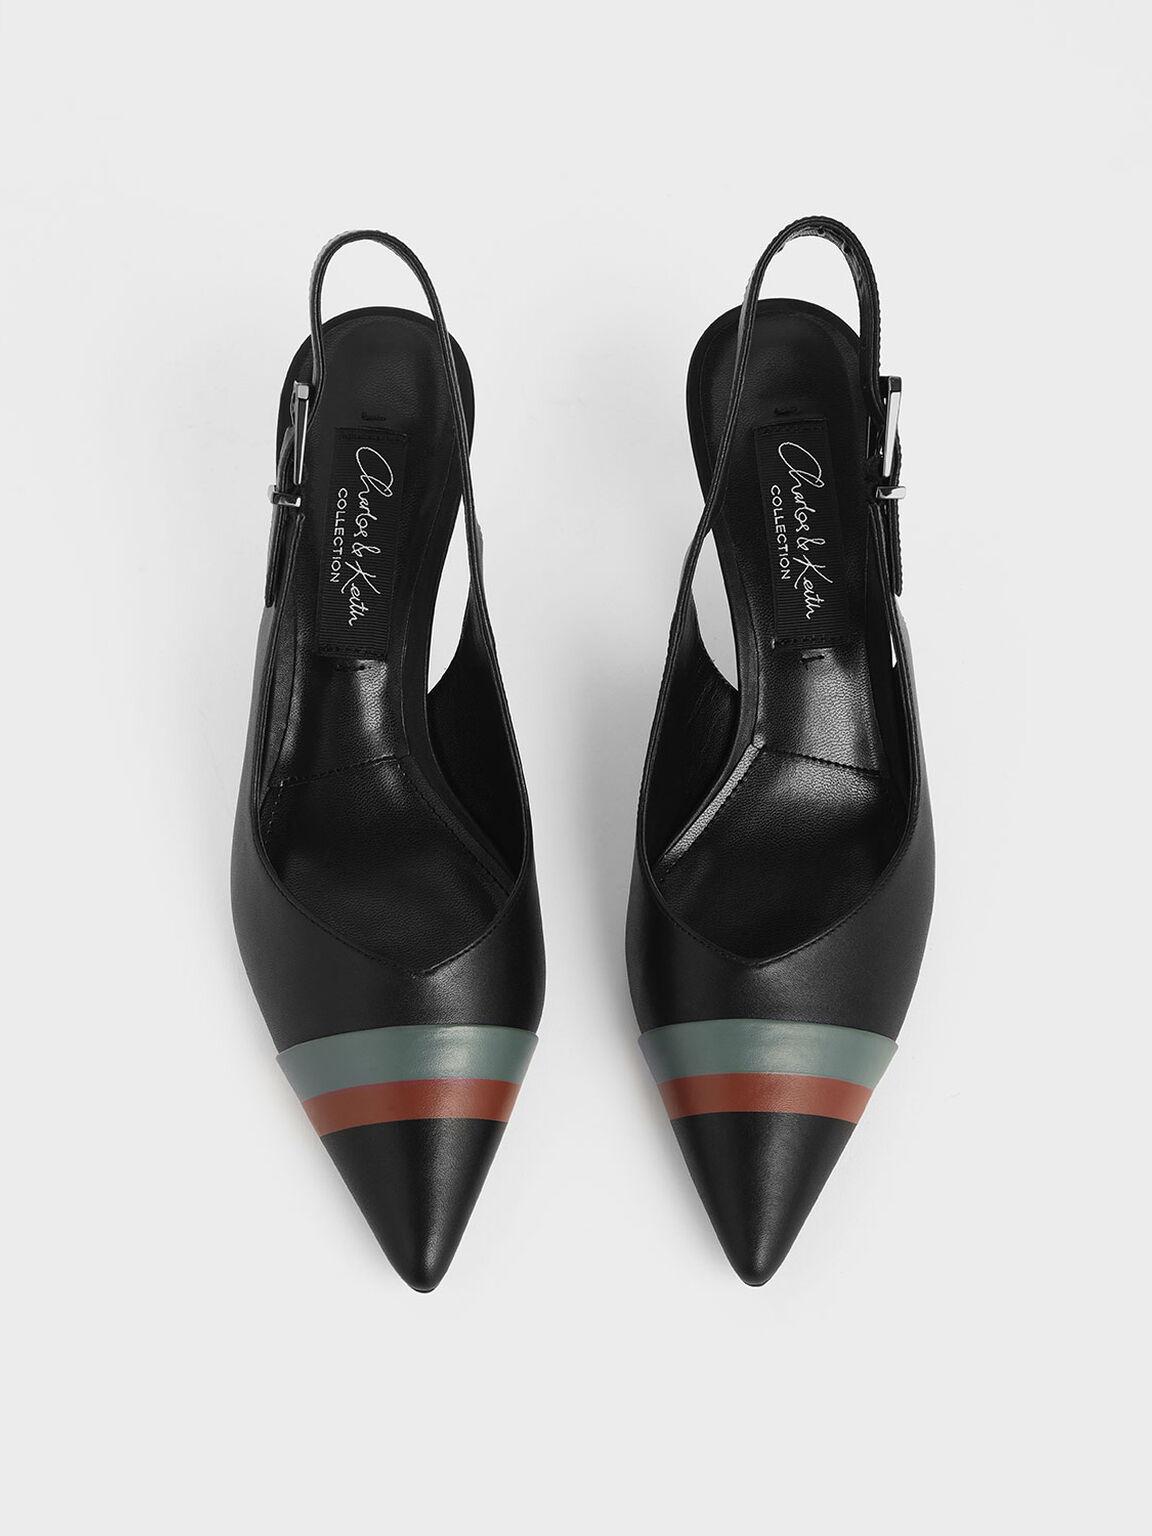 Striped Leather Slingback Heels, Black, hi-res